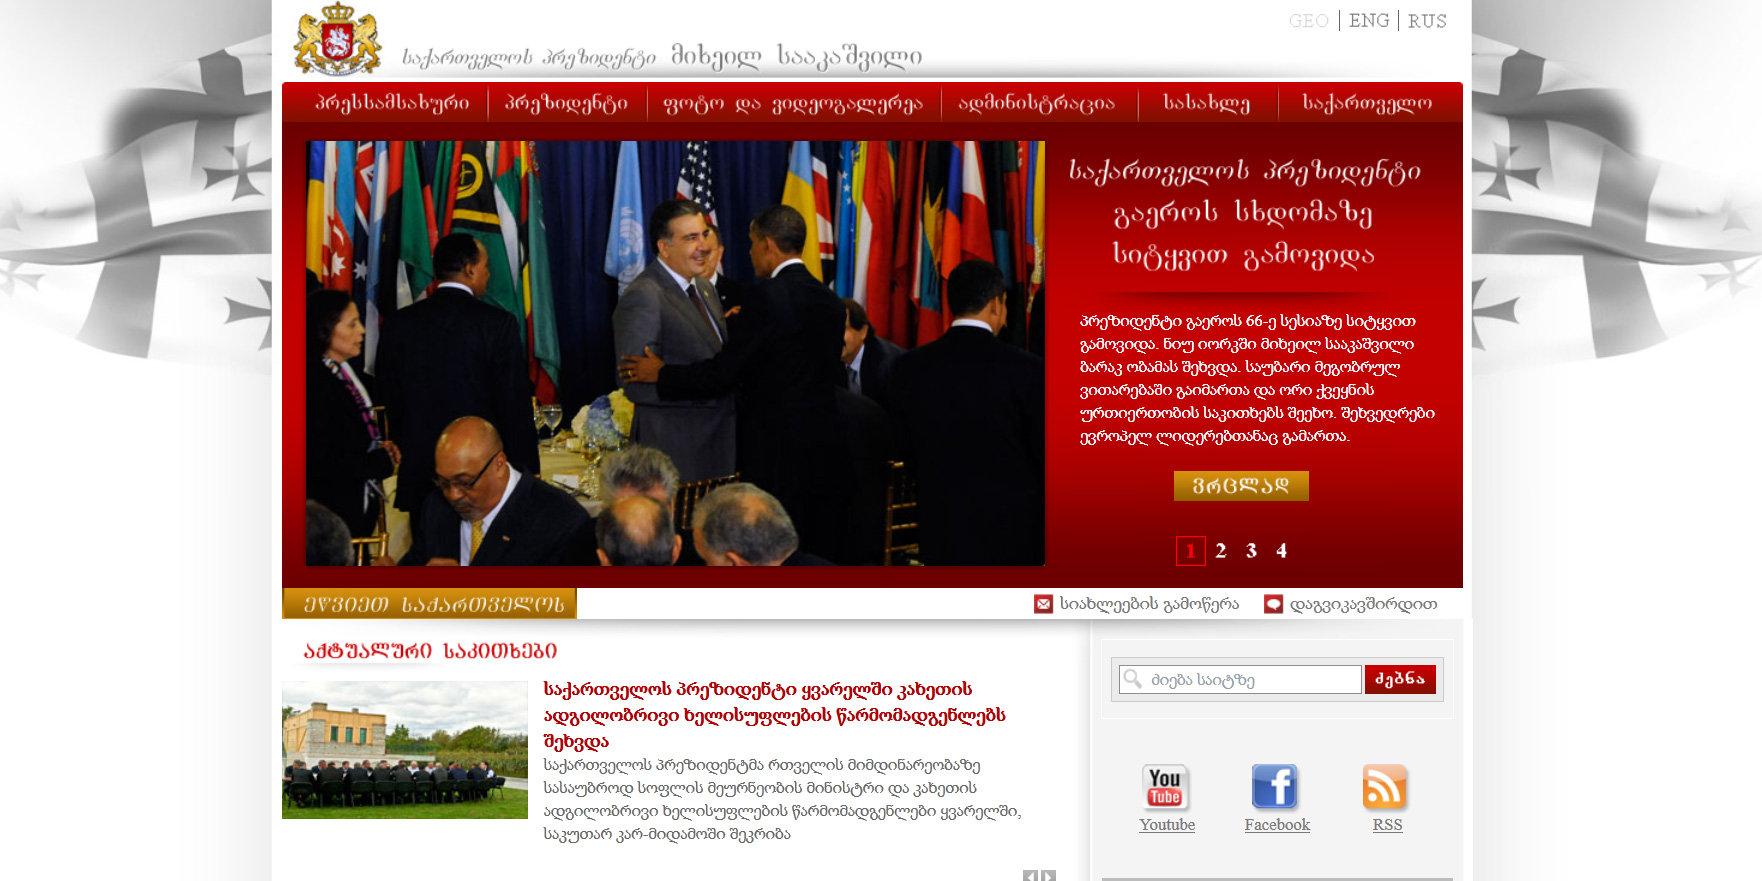 официальный сайт президента Грузии